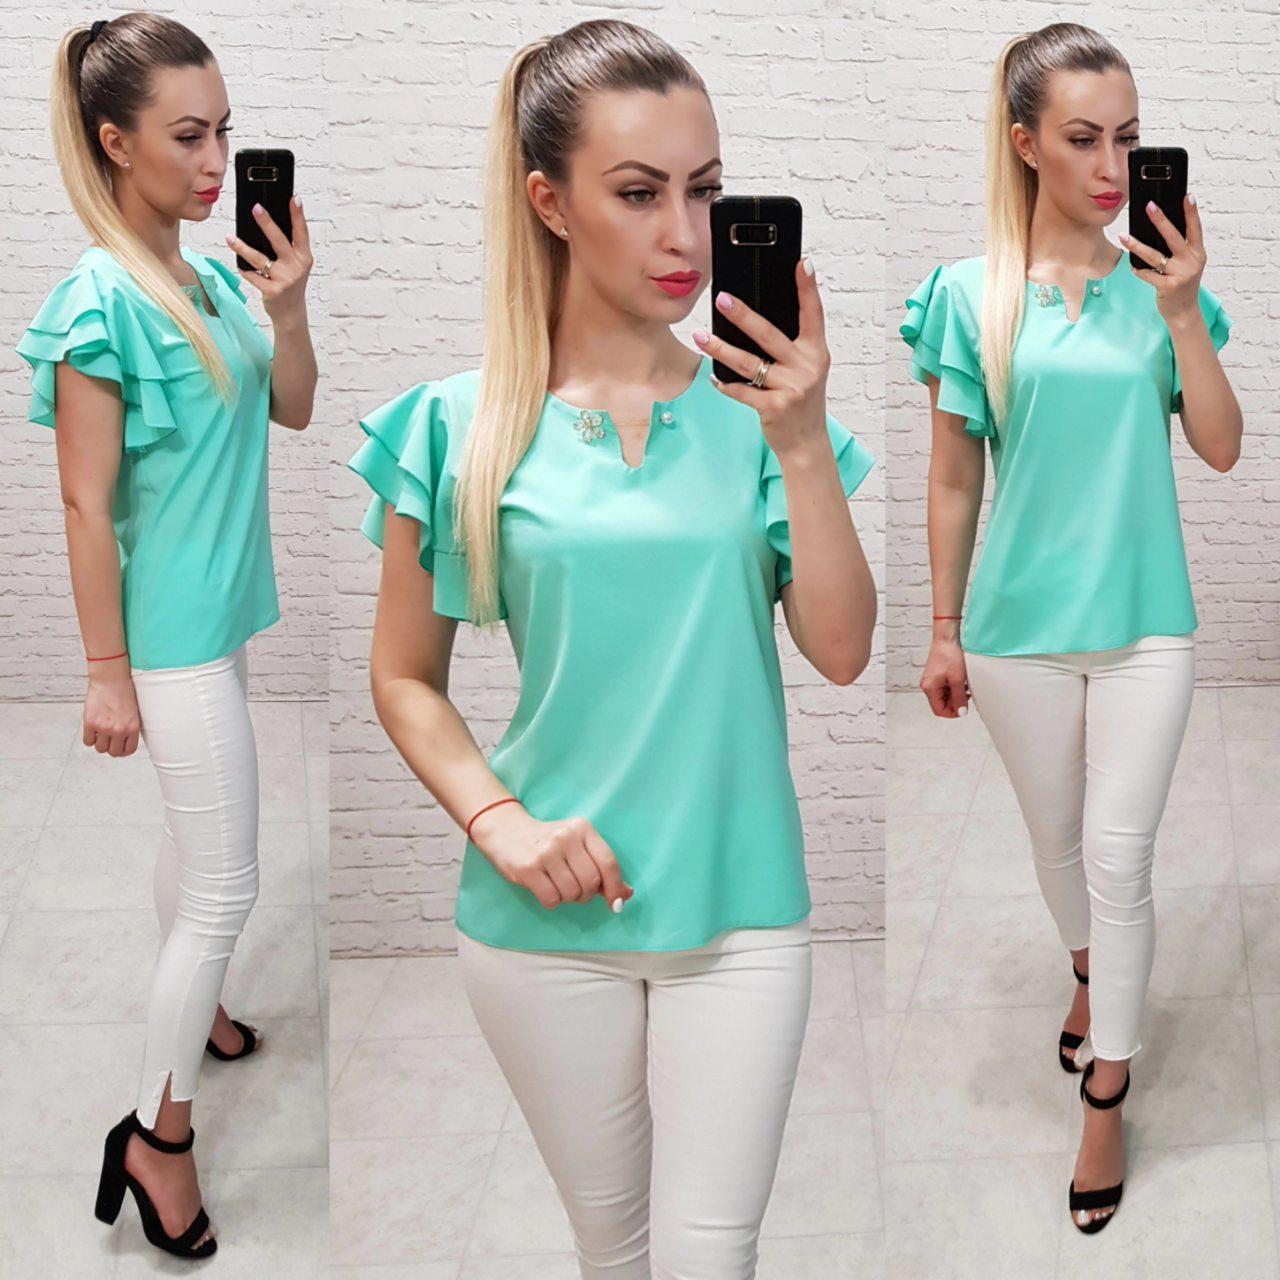 Блузка /блуза з брошкою і рюшем на плечах, модель 166 ,колір бірюзовий